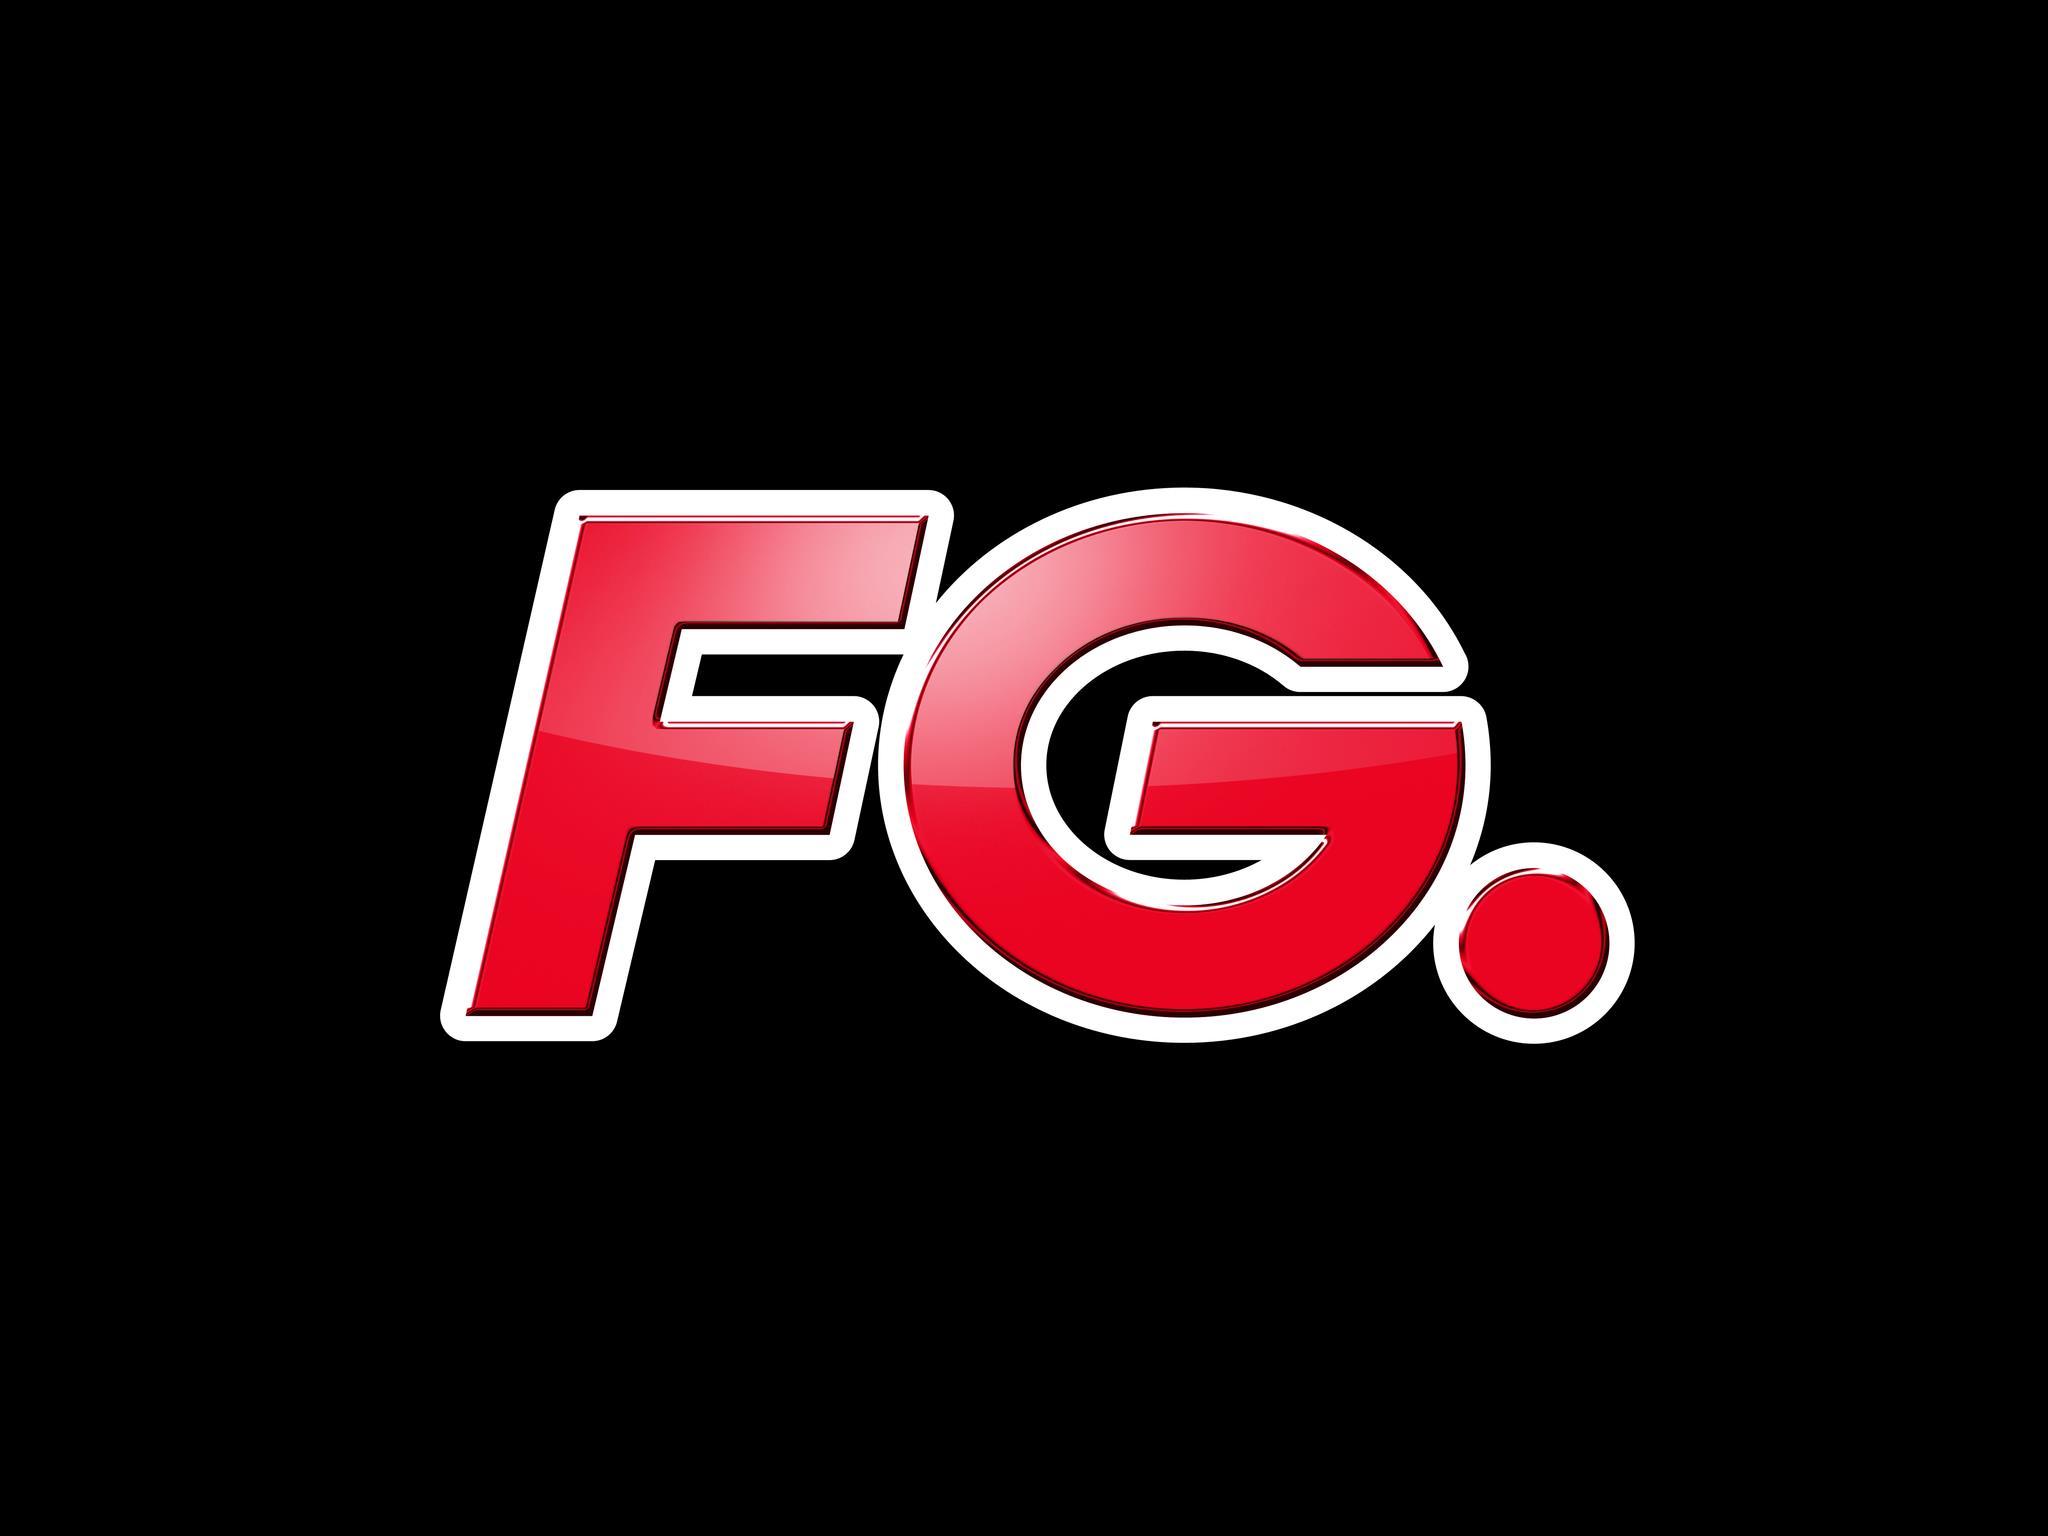 Si FG diffuse son programme dans 25 villes en France, la station est également présente à Monaco, Anvers, Bruxelles et... Berlin